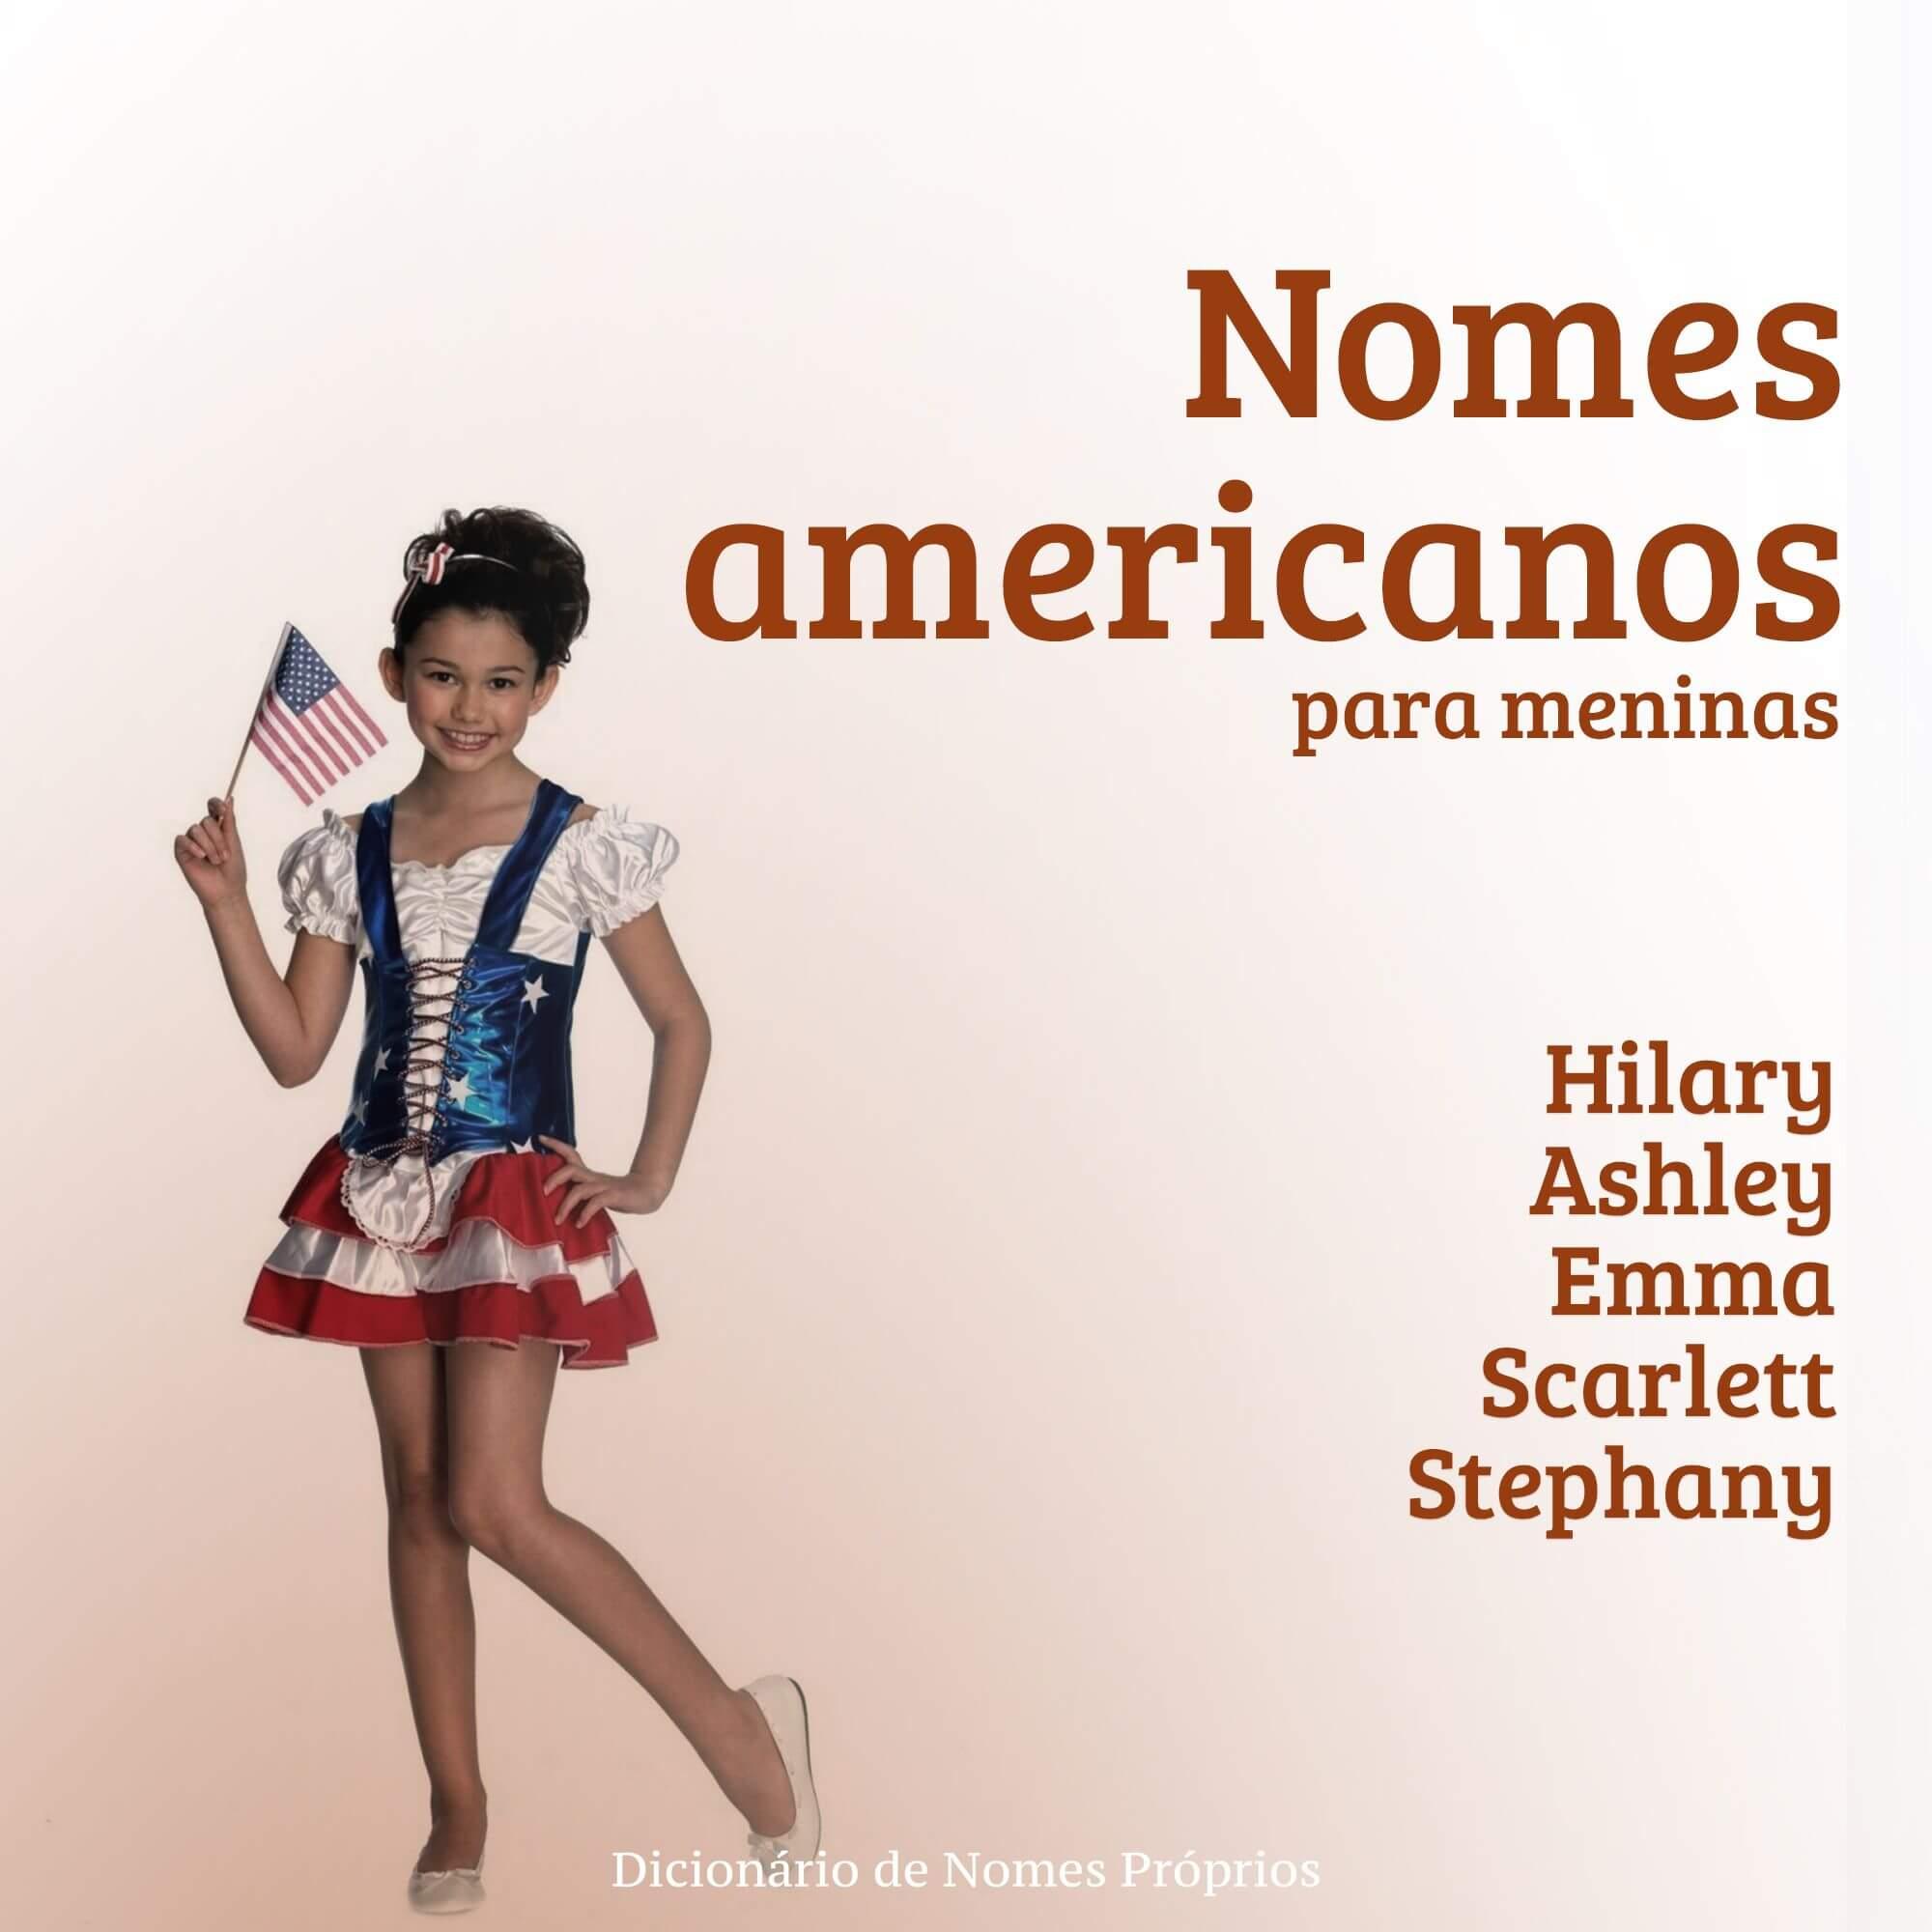 Nomes Femininos Americanos